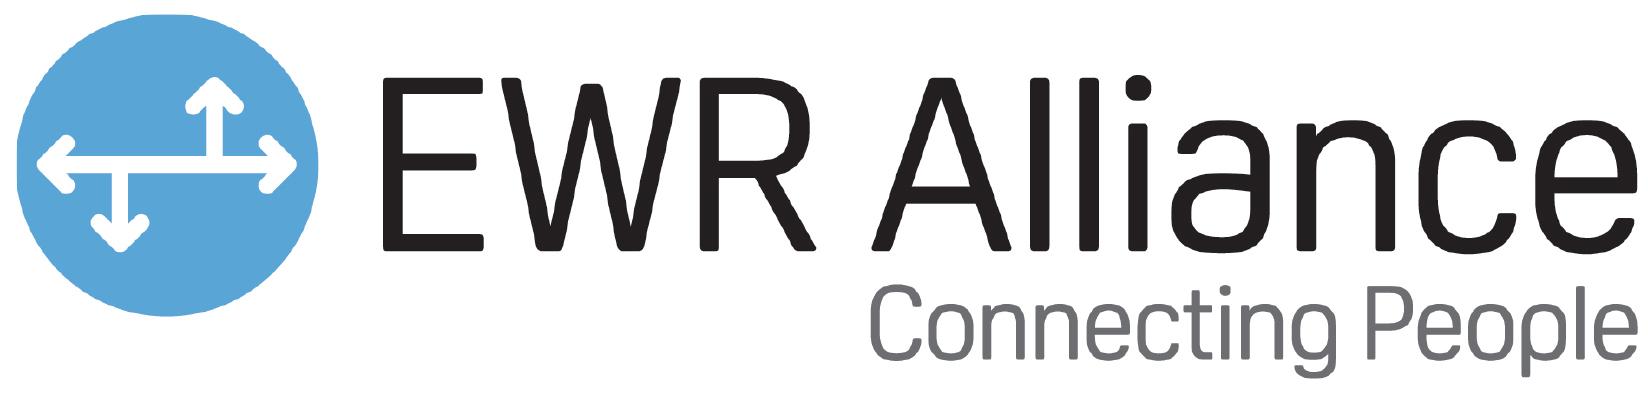 EWR Alliance